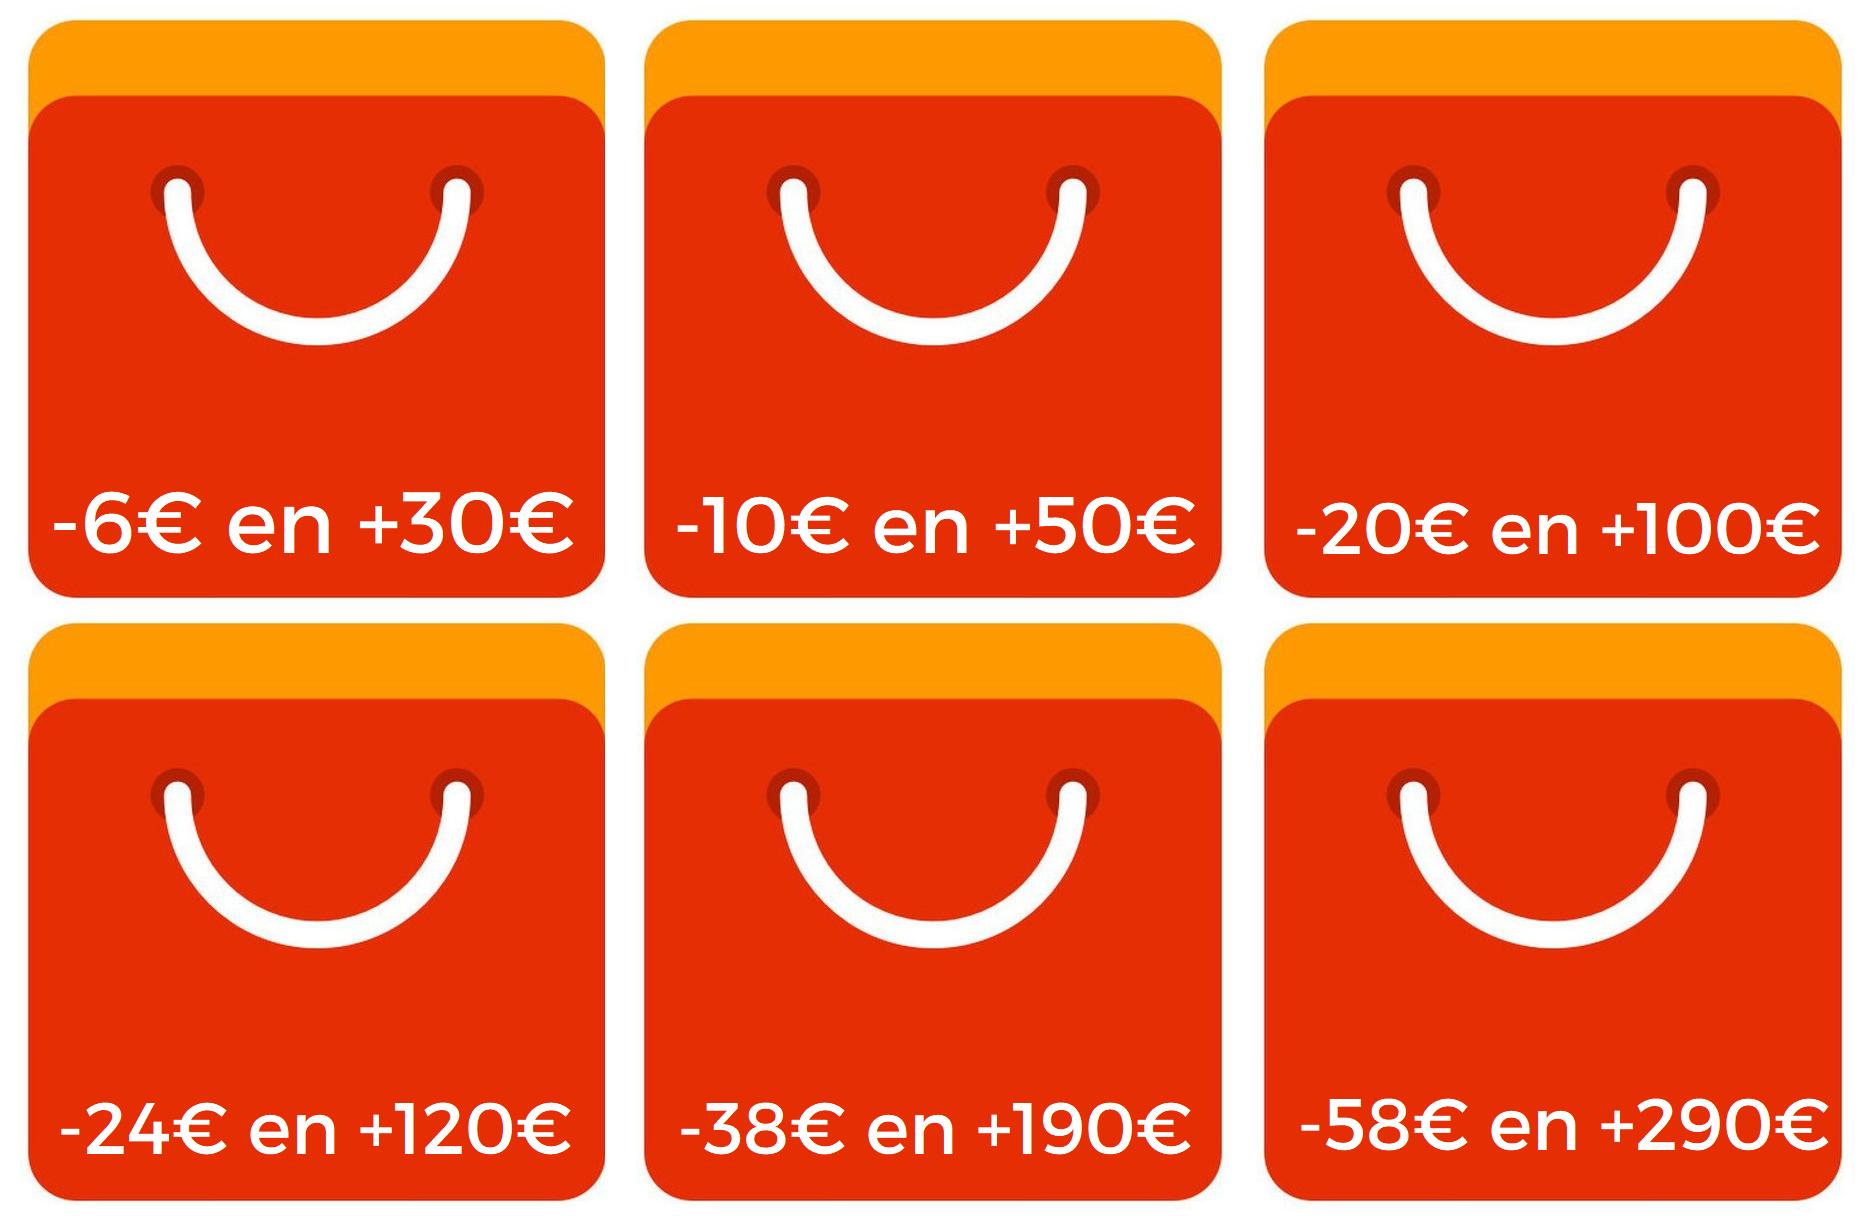 Cupones para todo AliExpress para hoy domingo para productos seleccionados